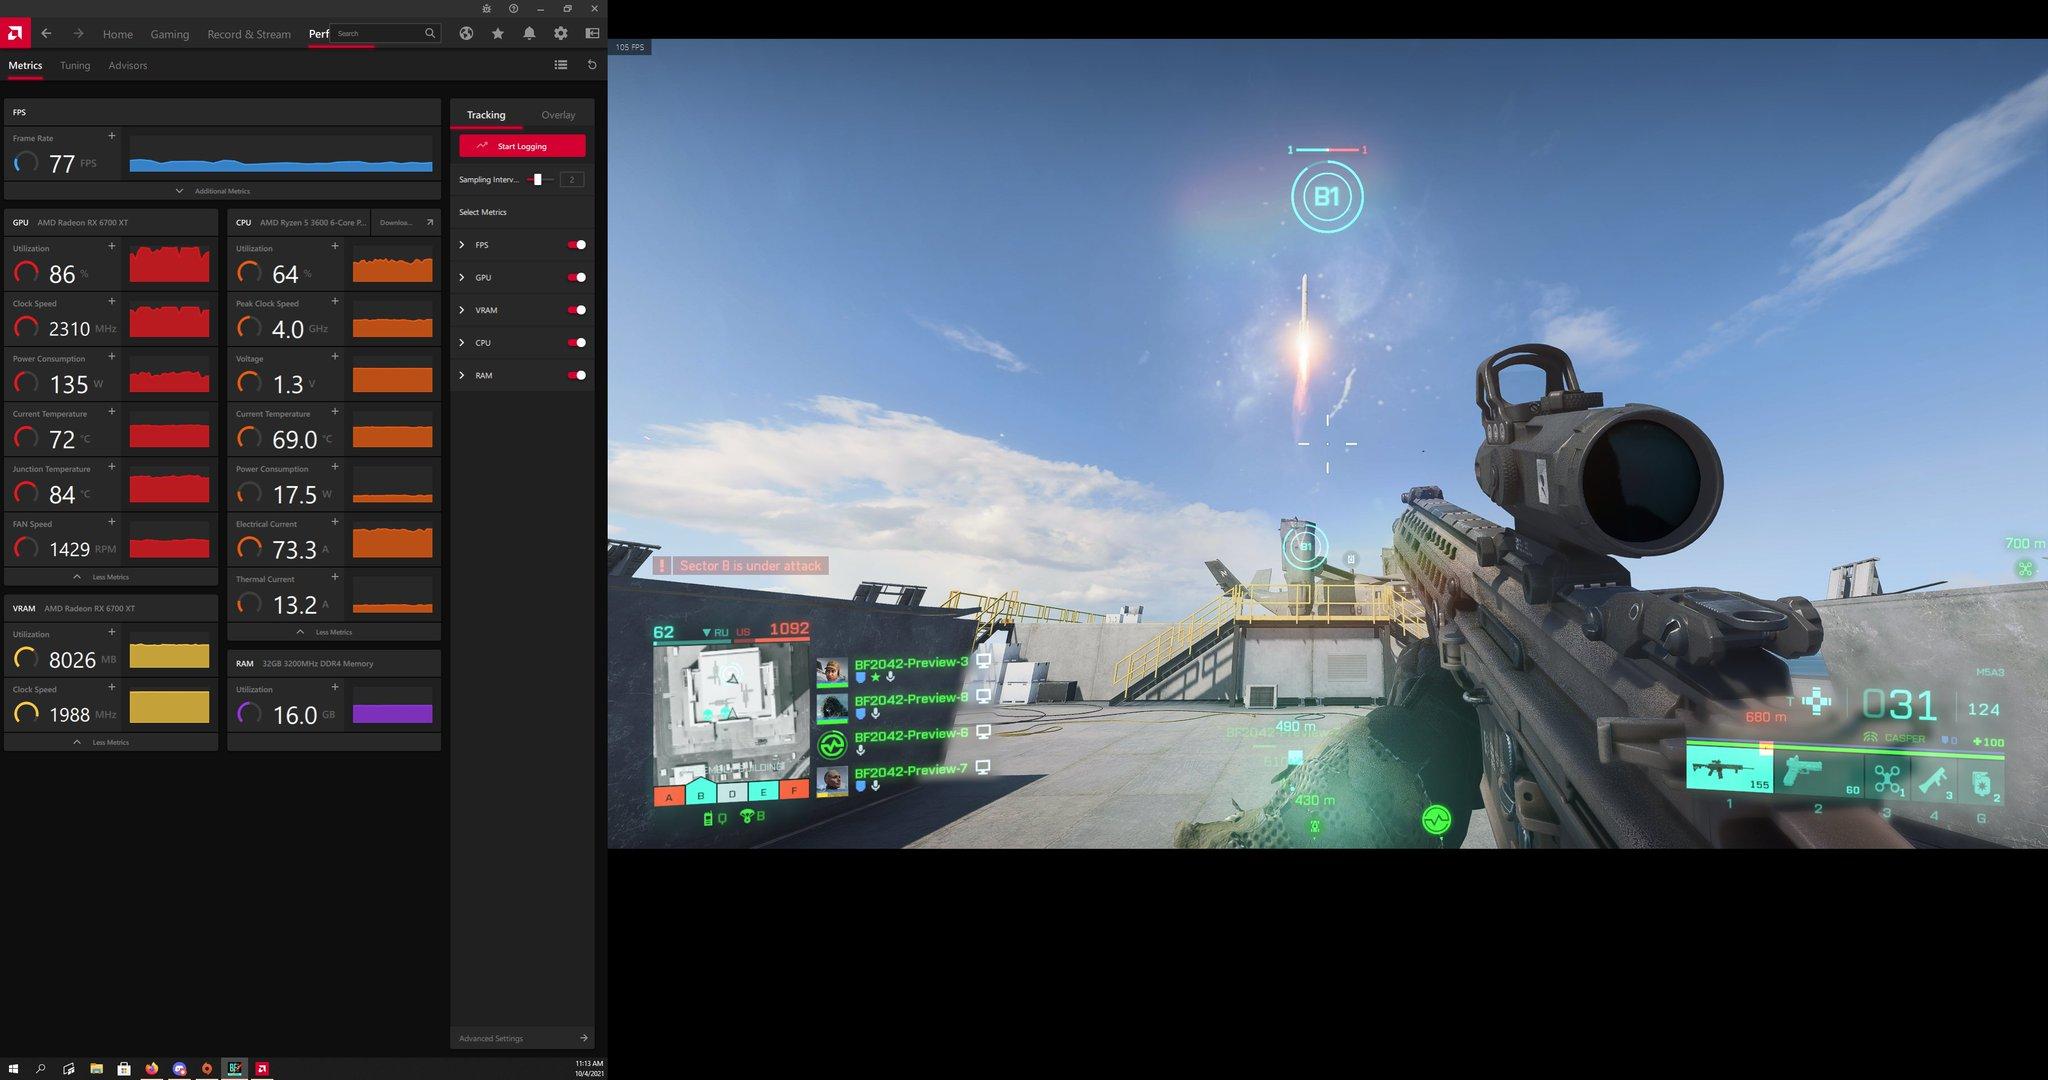 Battlefield beta preview gamersrd6